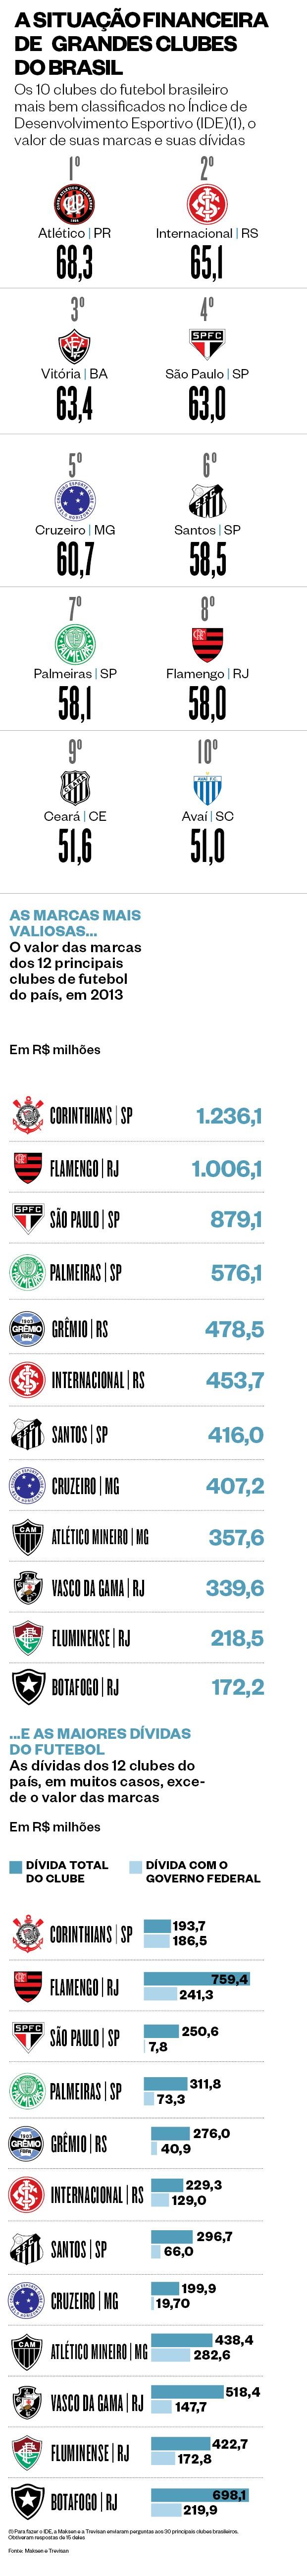 A situação financeira de grandes clubes do Brasil (Foto: Marco Vergotti)